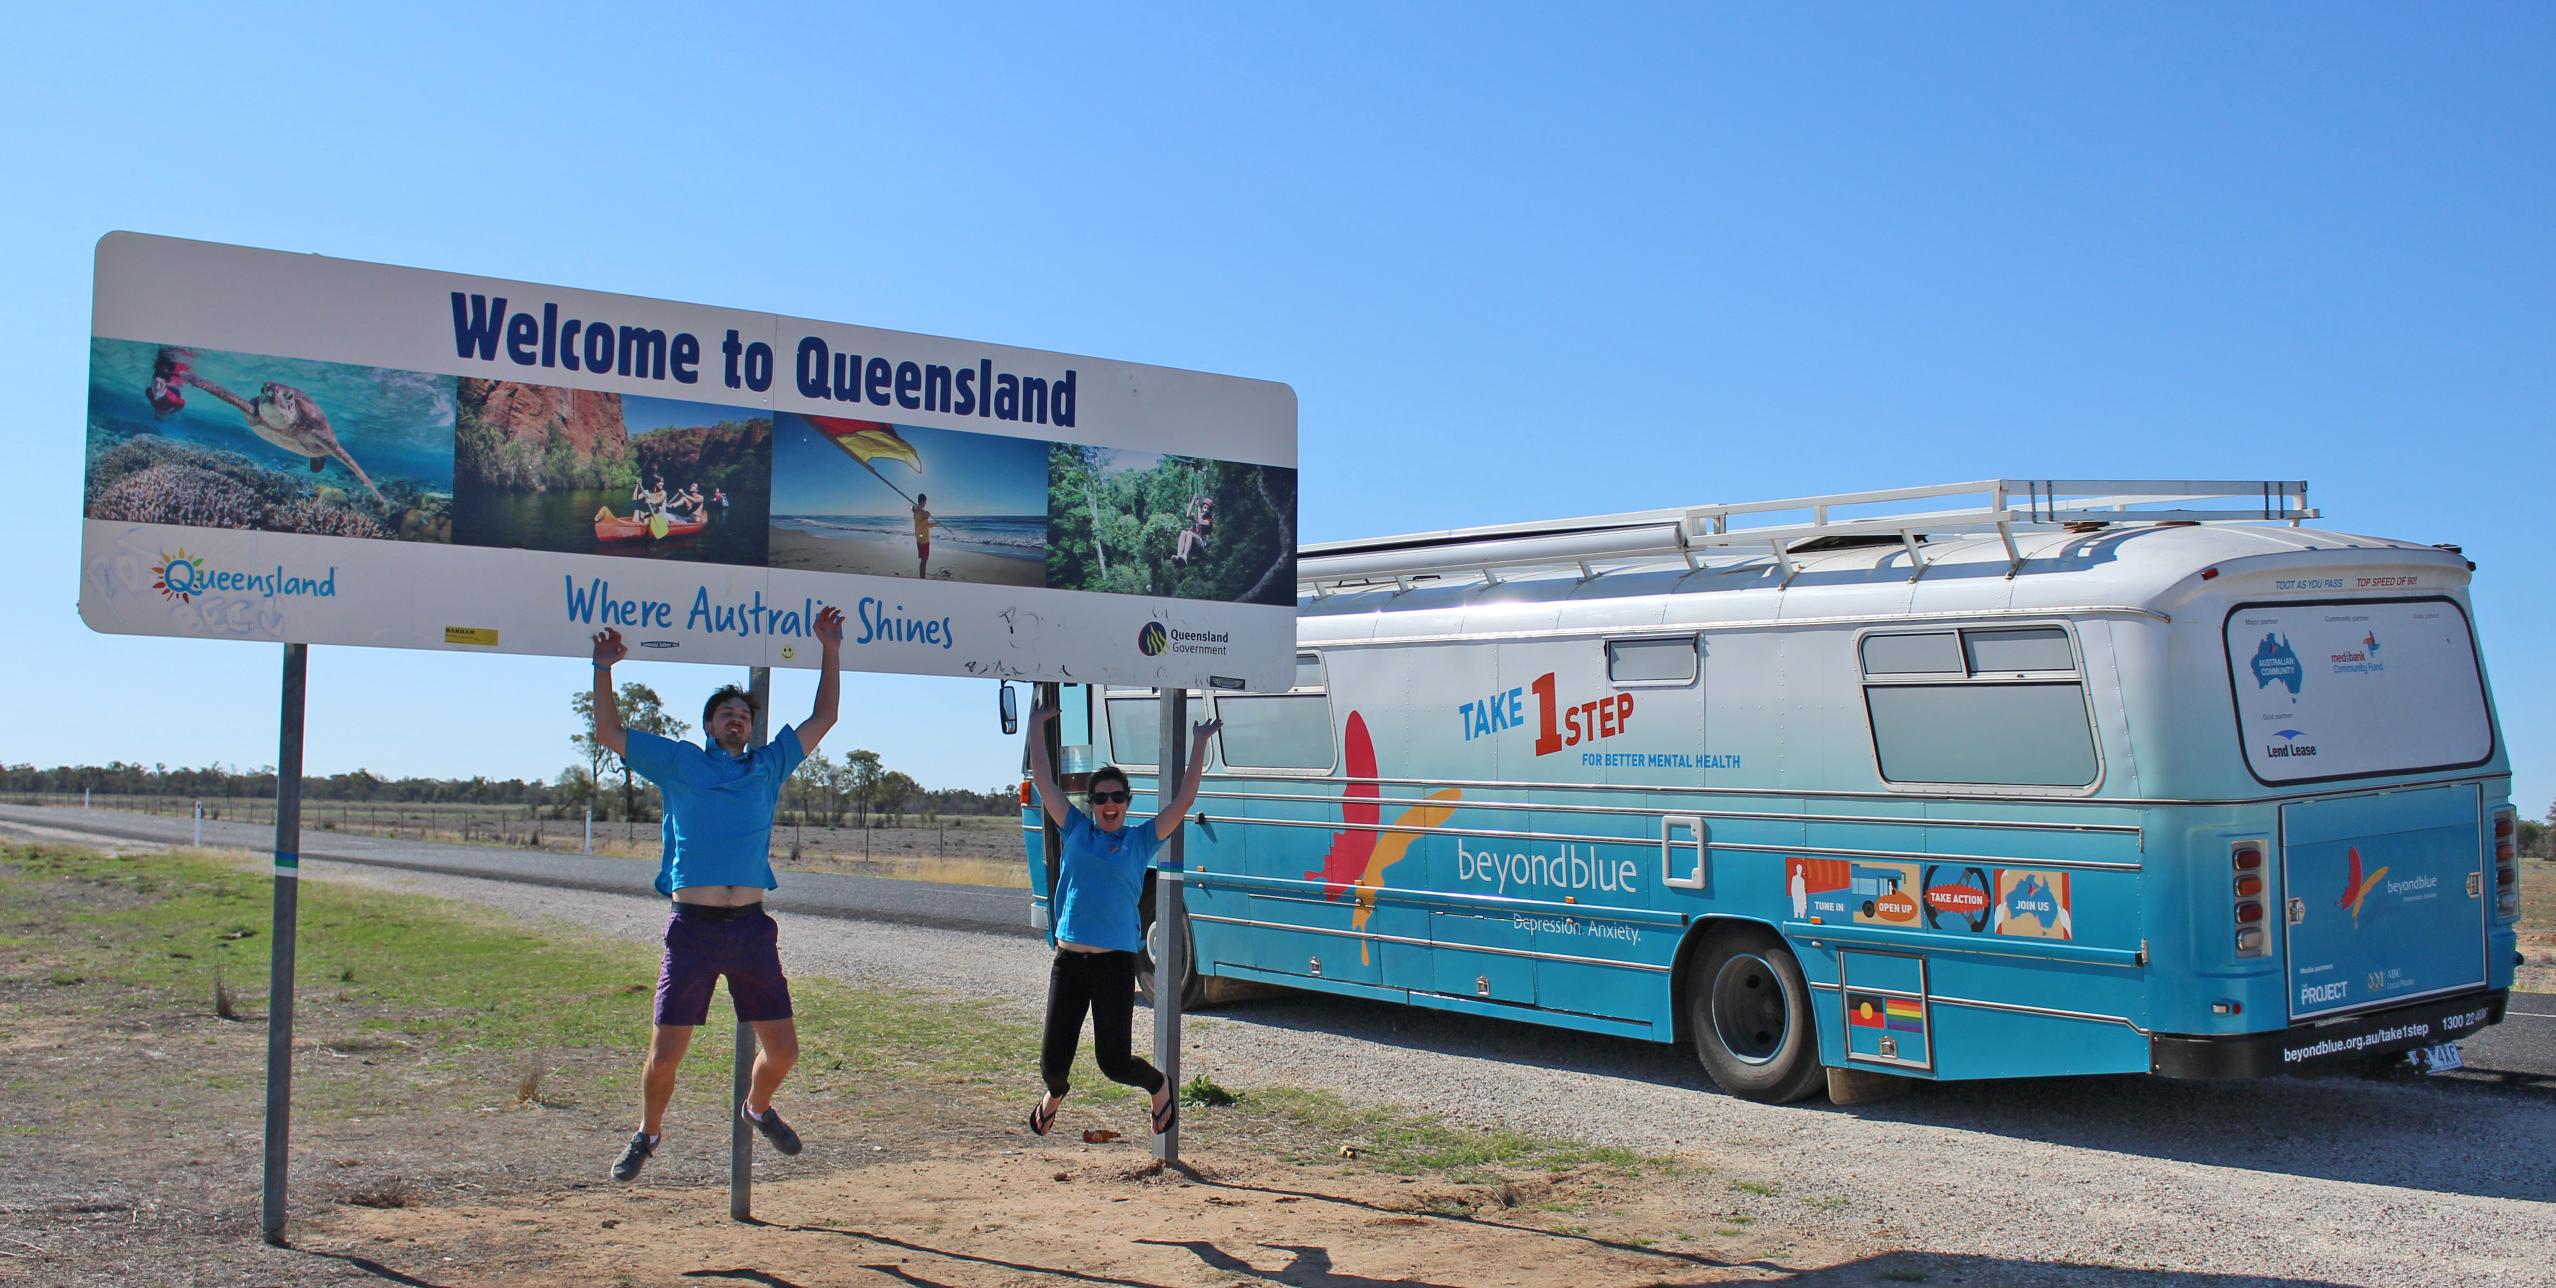 Arriving in Queensland!